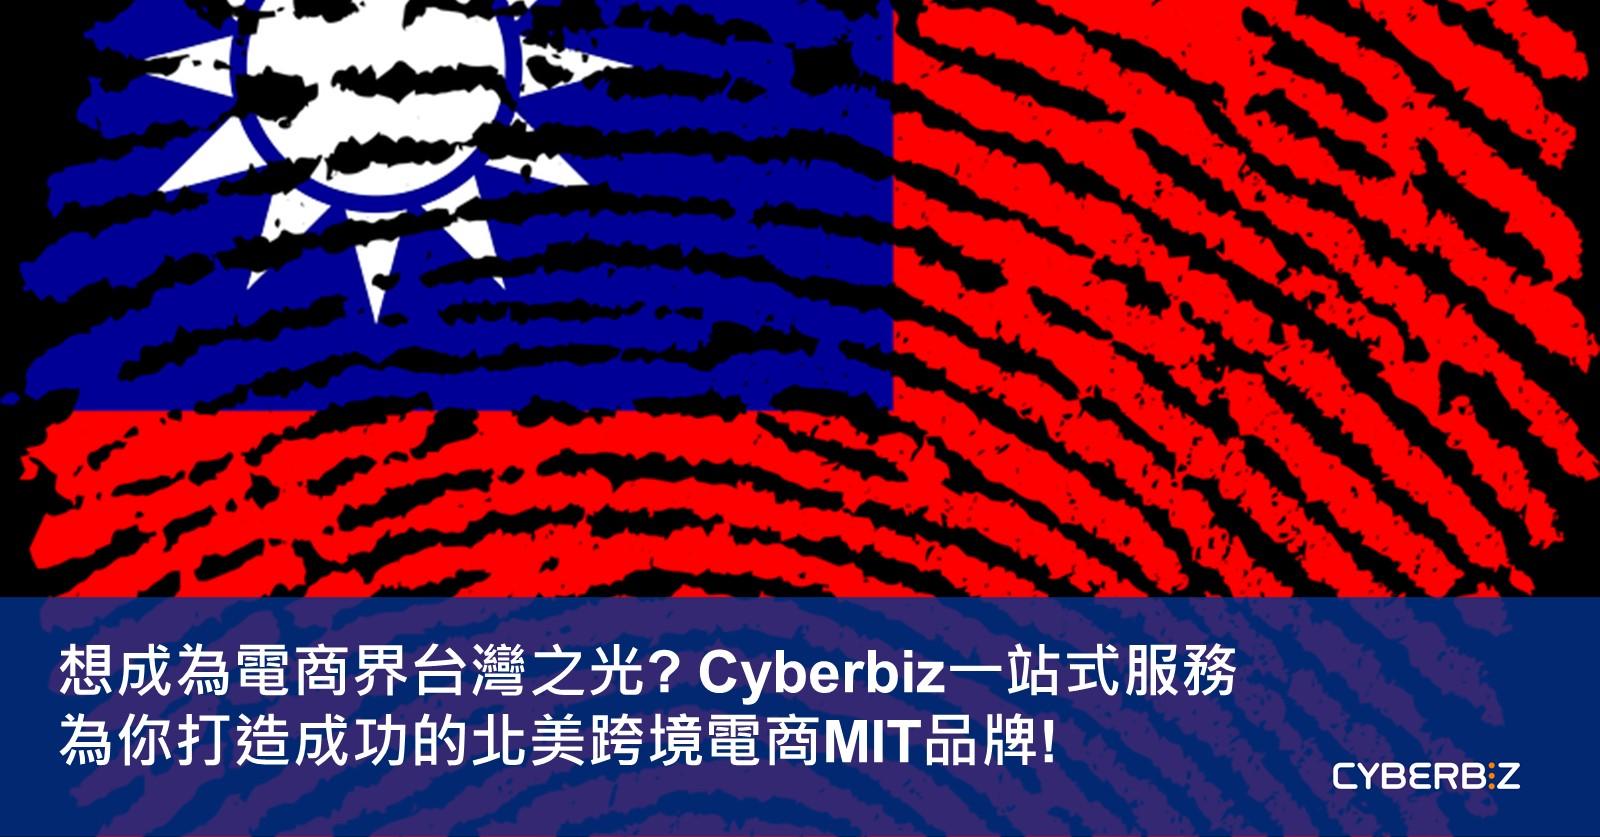 想成為電商界台灣之光? Cyberbiz一站式服務為你打造成功的北美跨境電商MIT品牌!